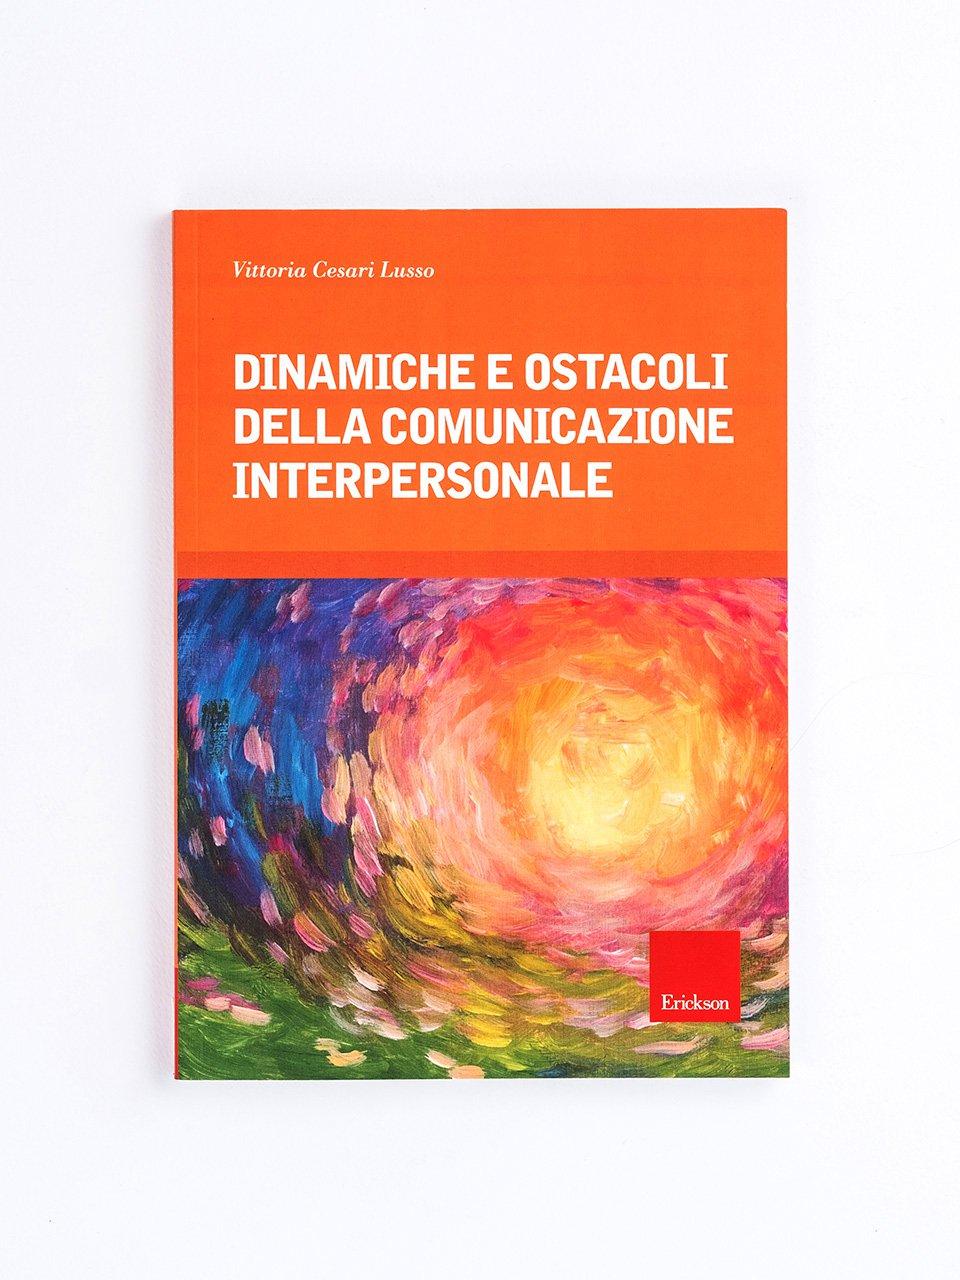 Dinamiche e ostacoli della comunicazione interpersonale - Generazione Cloud - Libri - Erickson